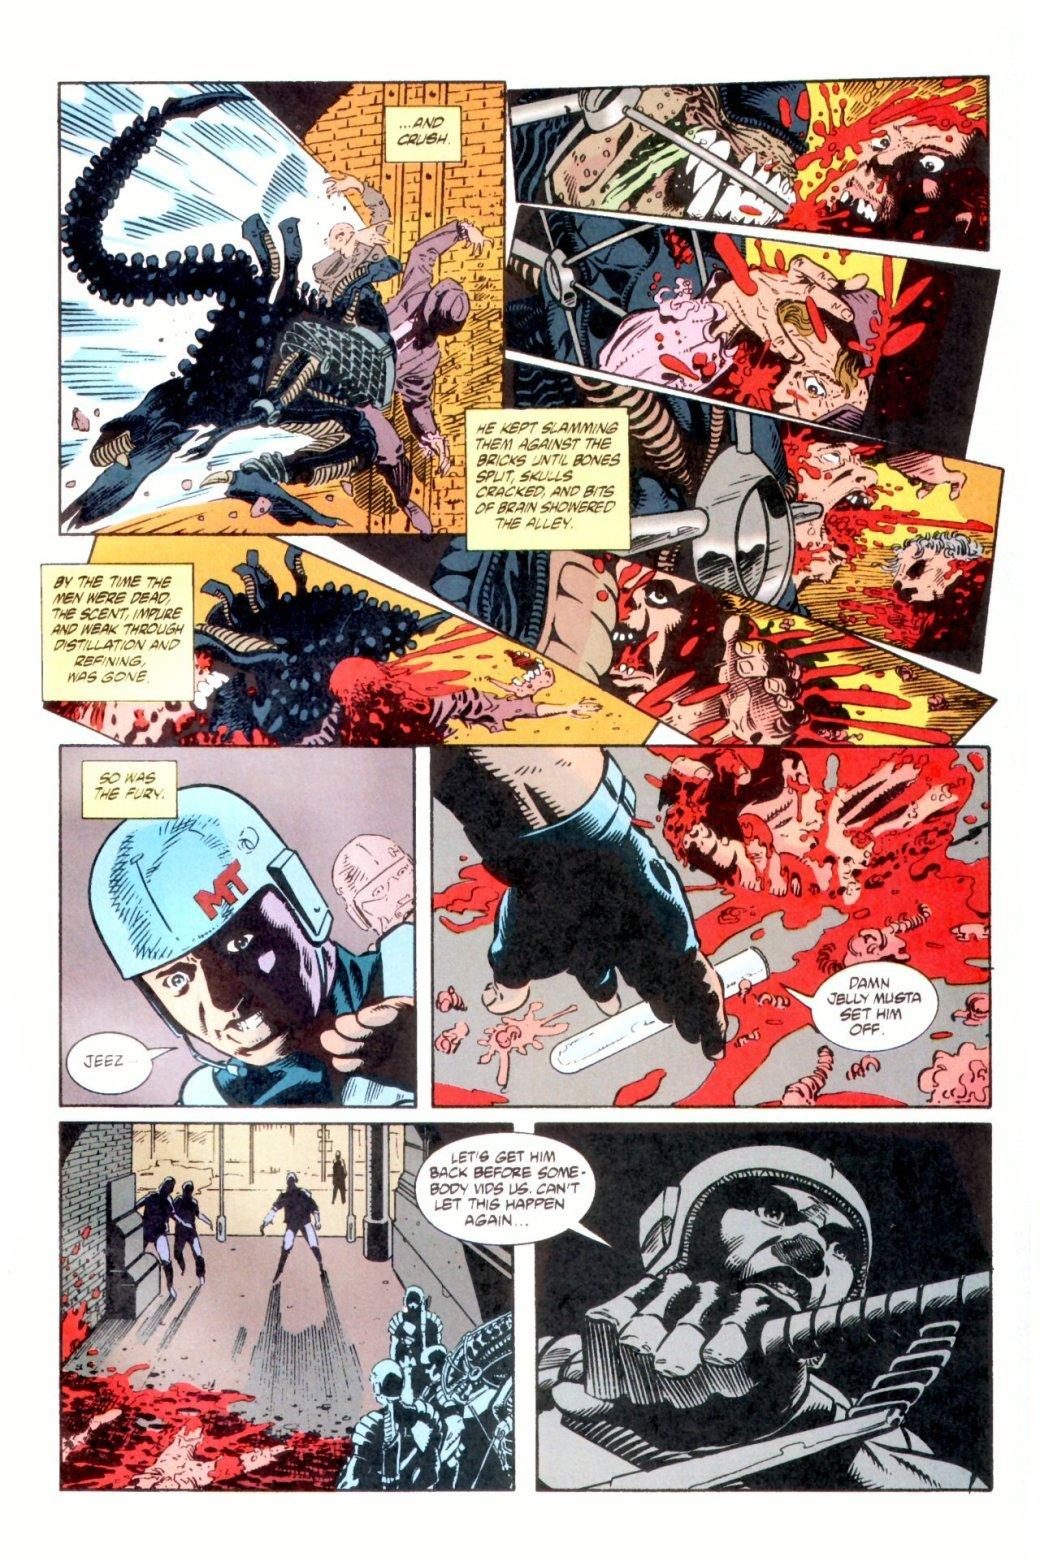 Жуткие комиксы про Чужих, откоторых кровь стынет вжилах. - Изображение 26